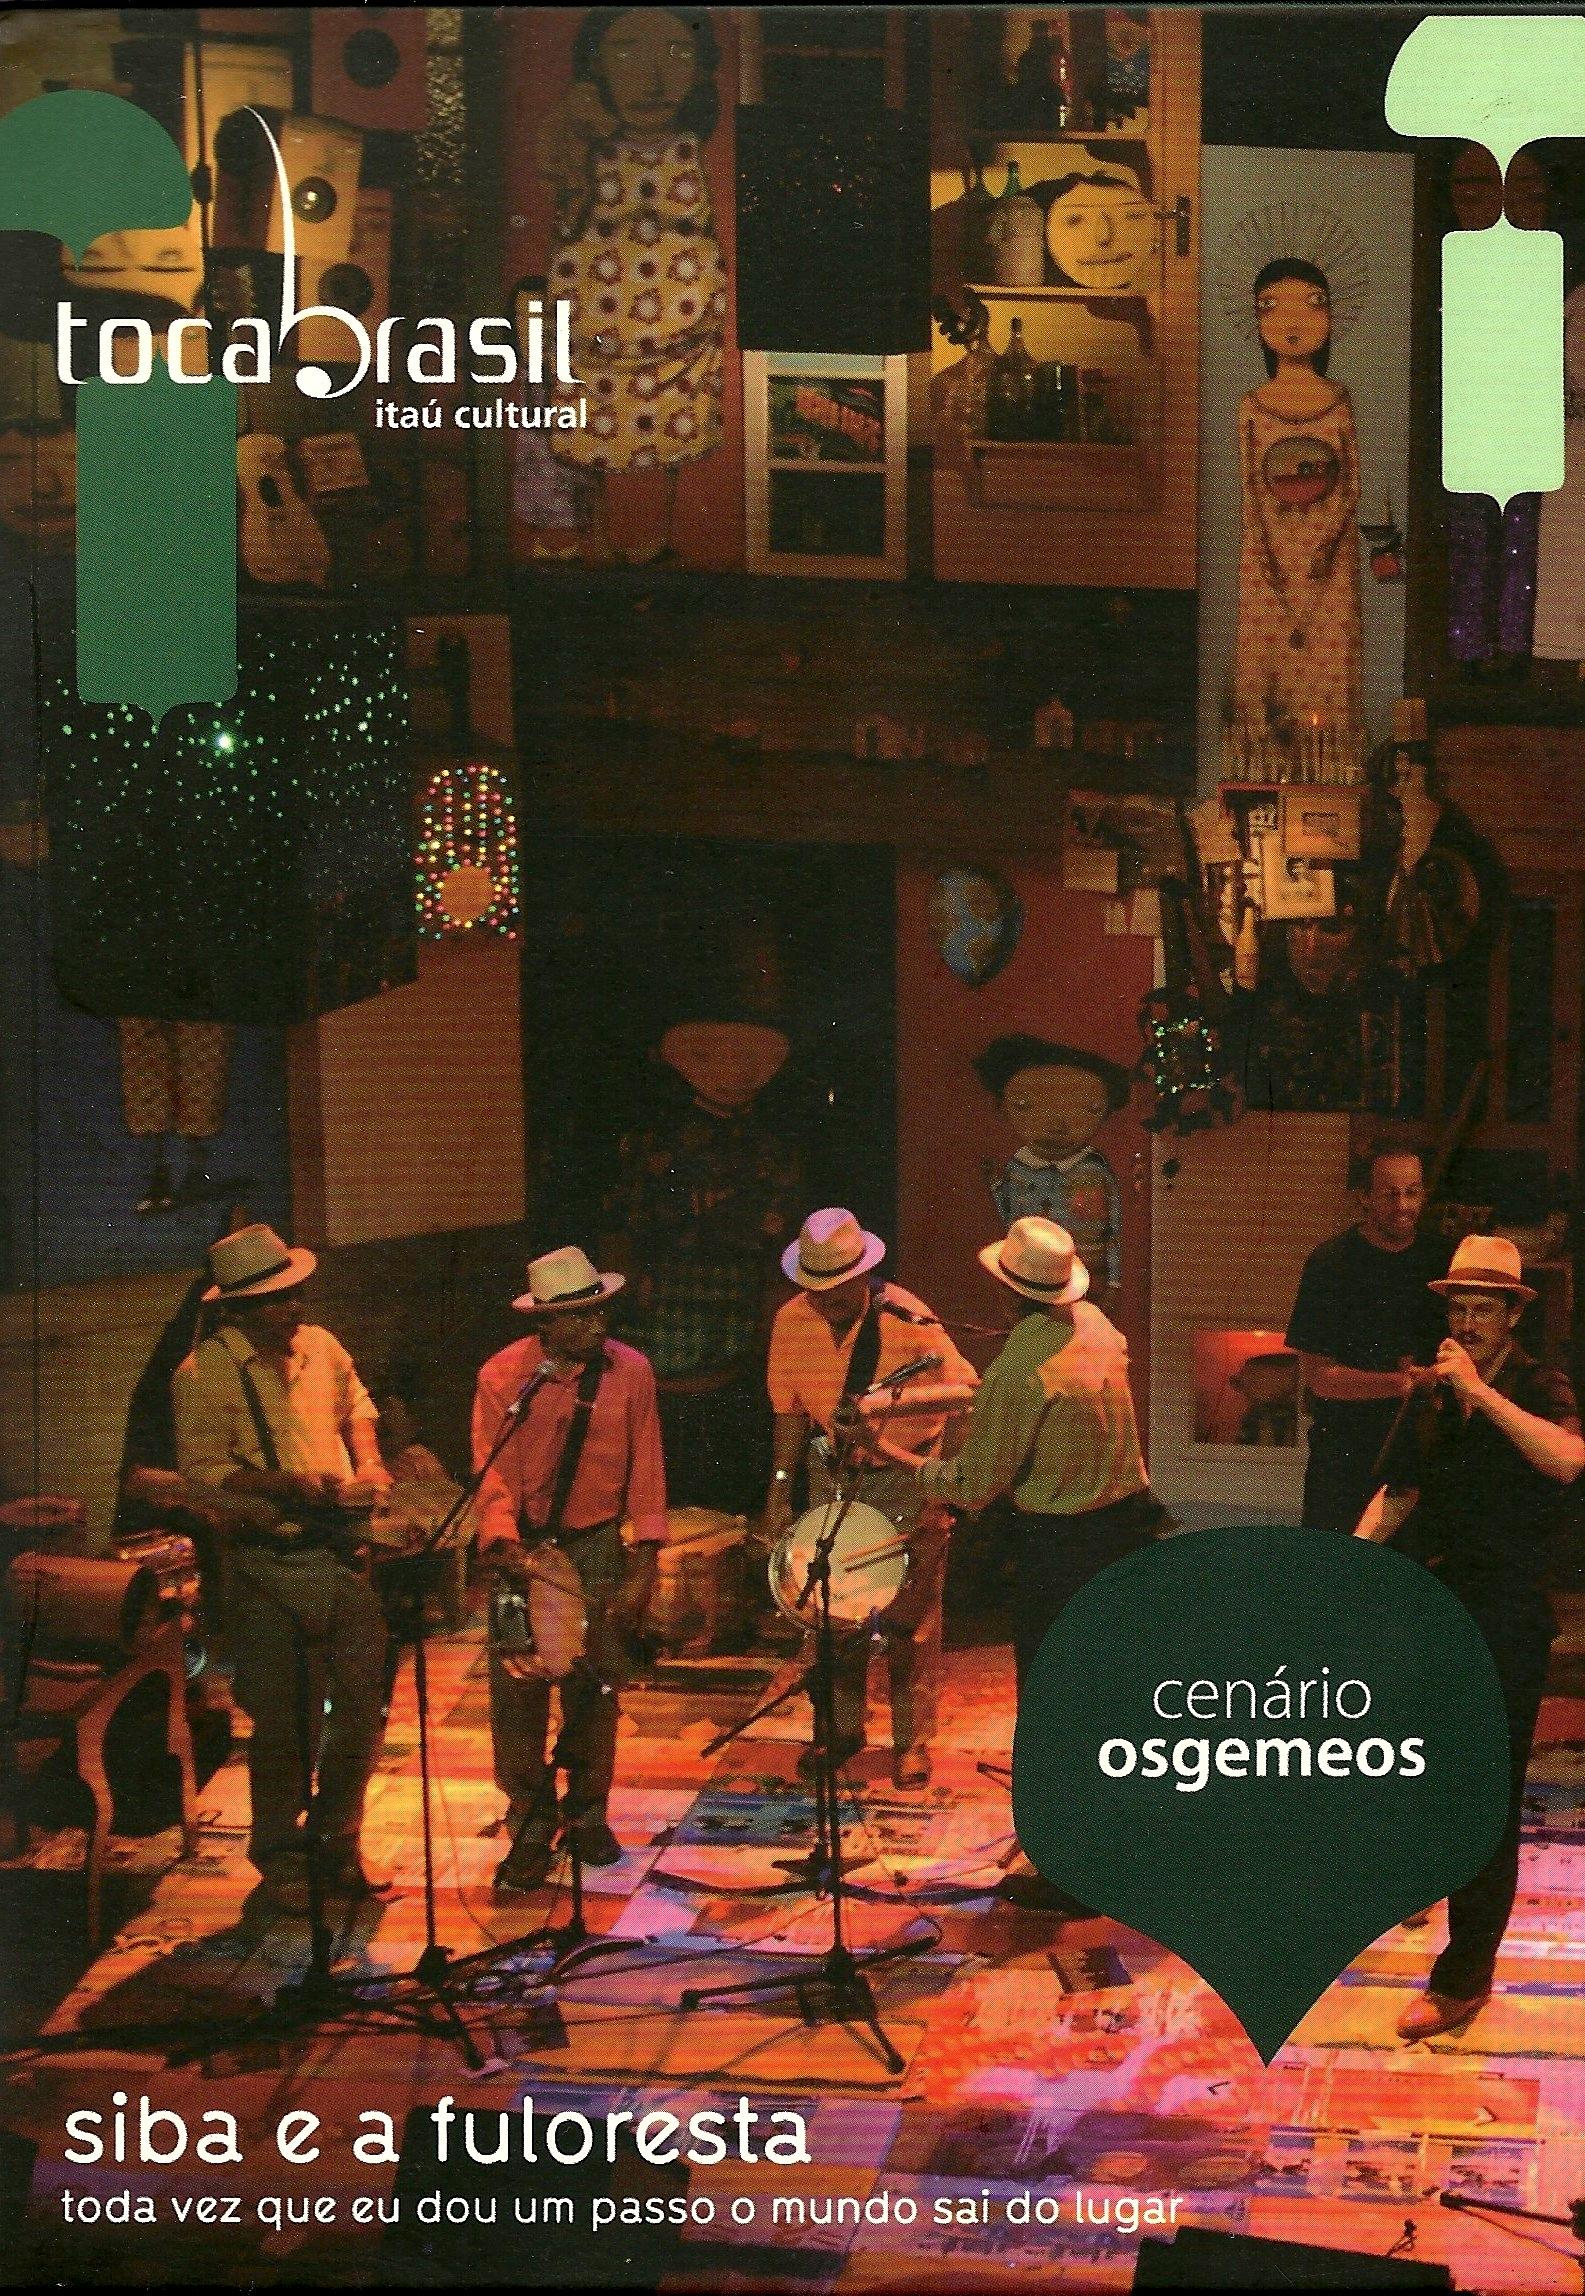 24 2008 DVD Toda Vez Que Eu Dou Um Passo - Siba e a Fuloresta.jpg